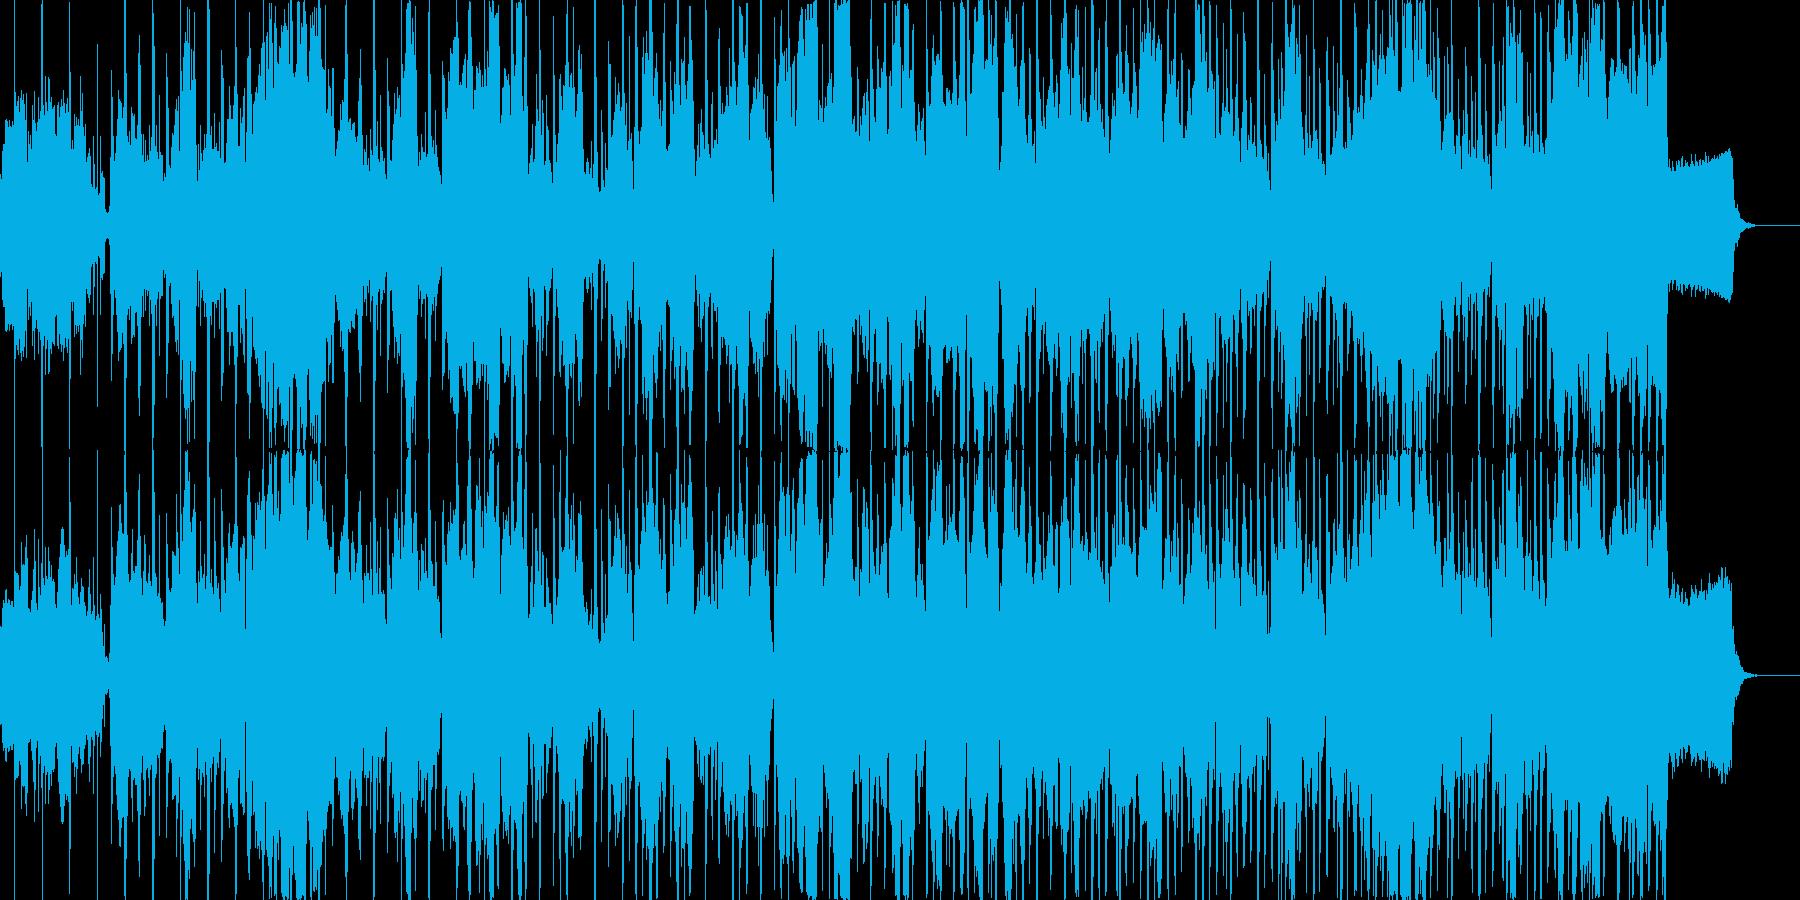 結婚行進曲*生バイオリン+テクノサウンドの再生済みの波形